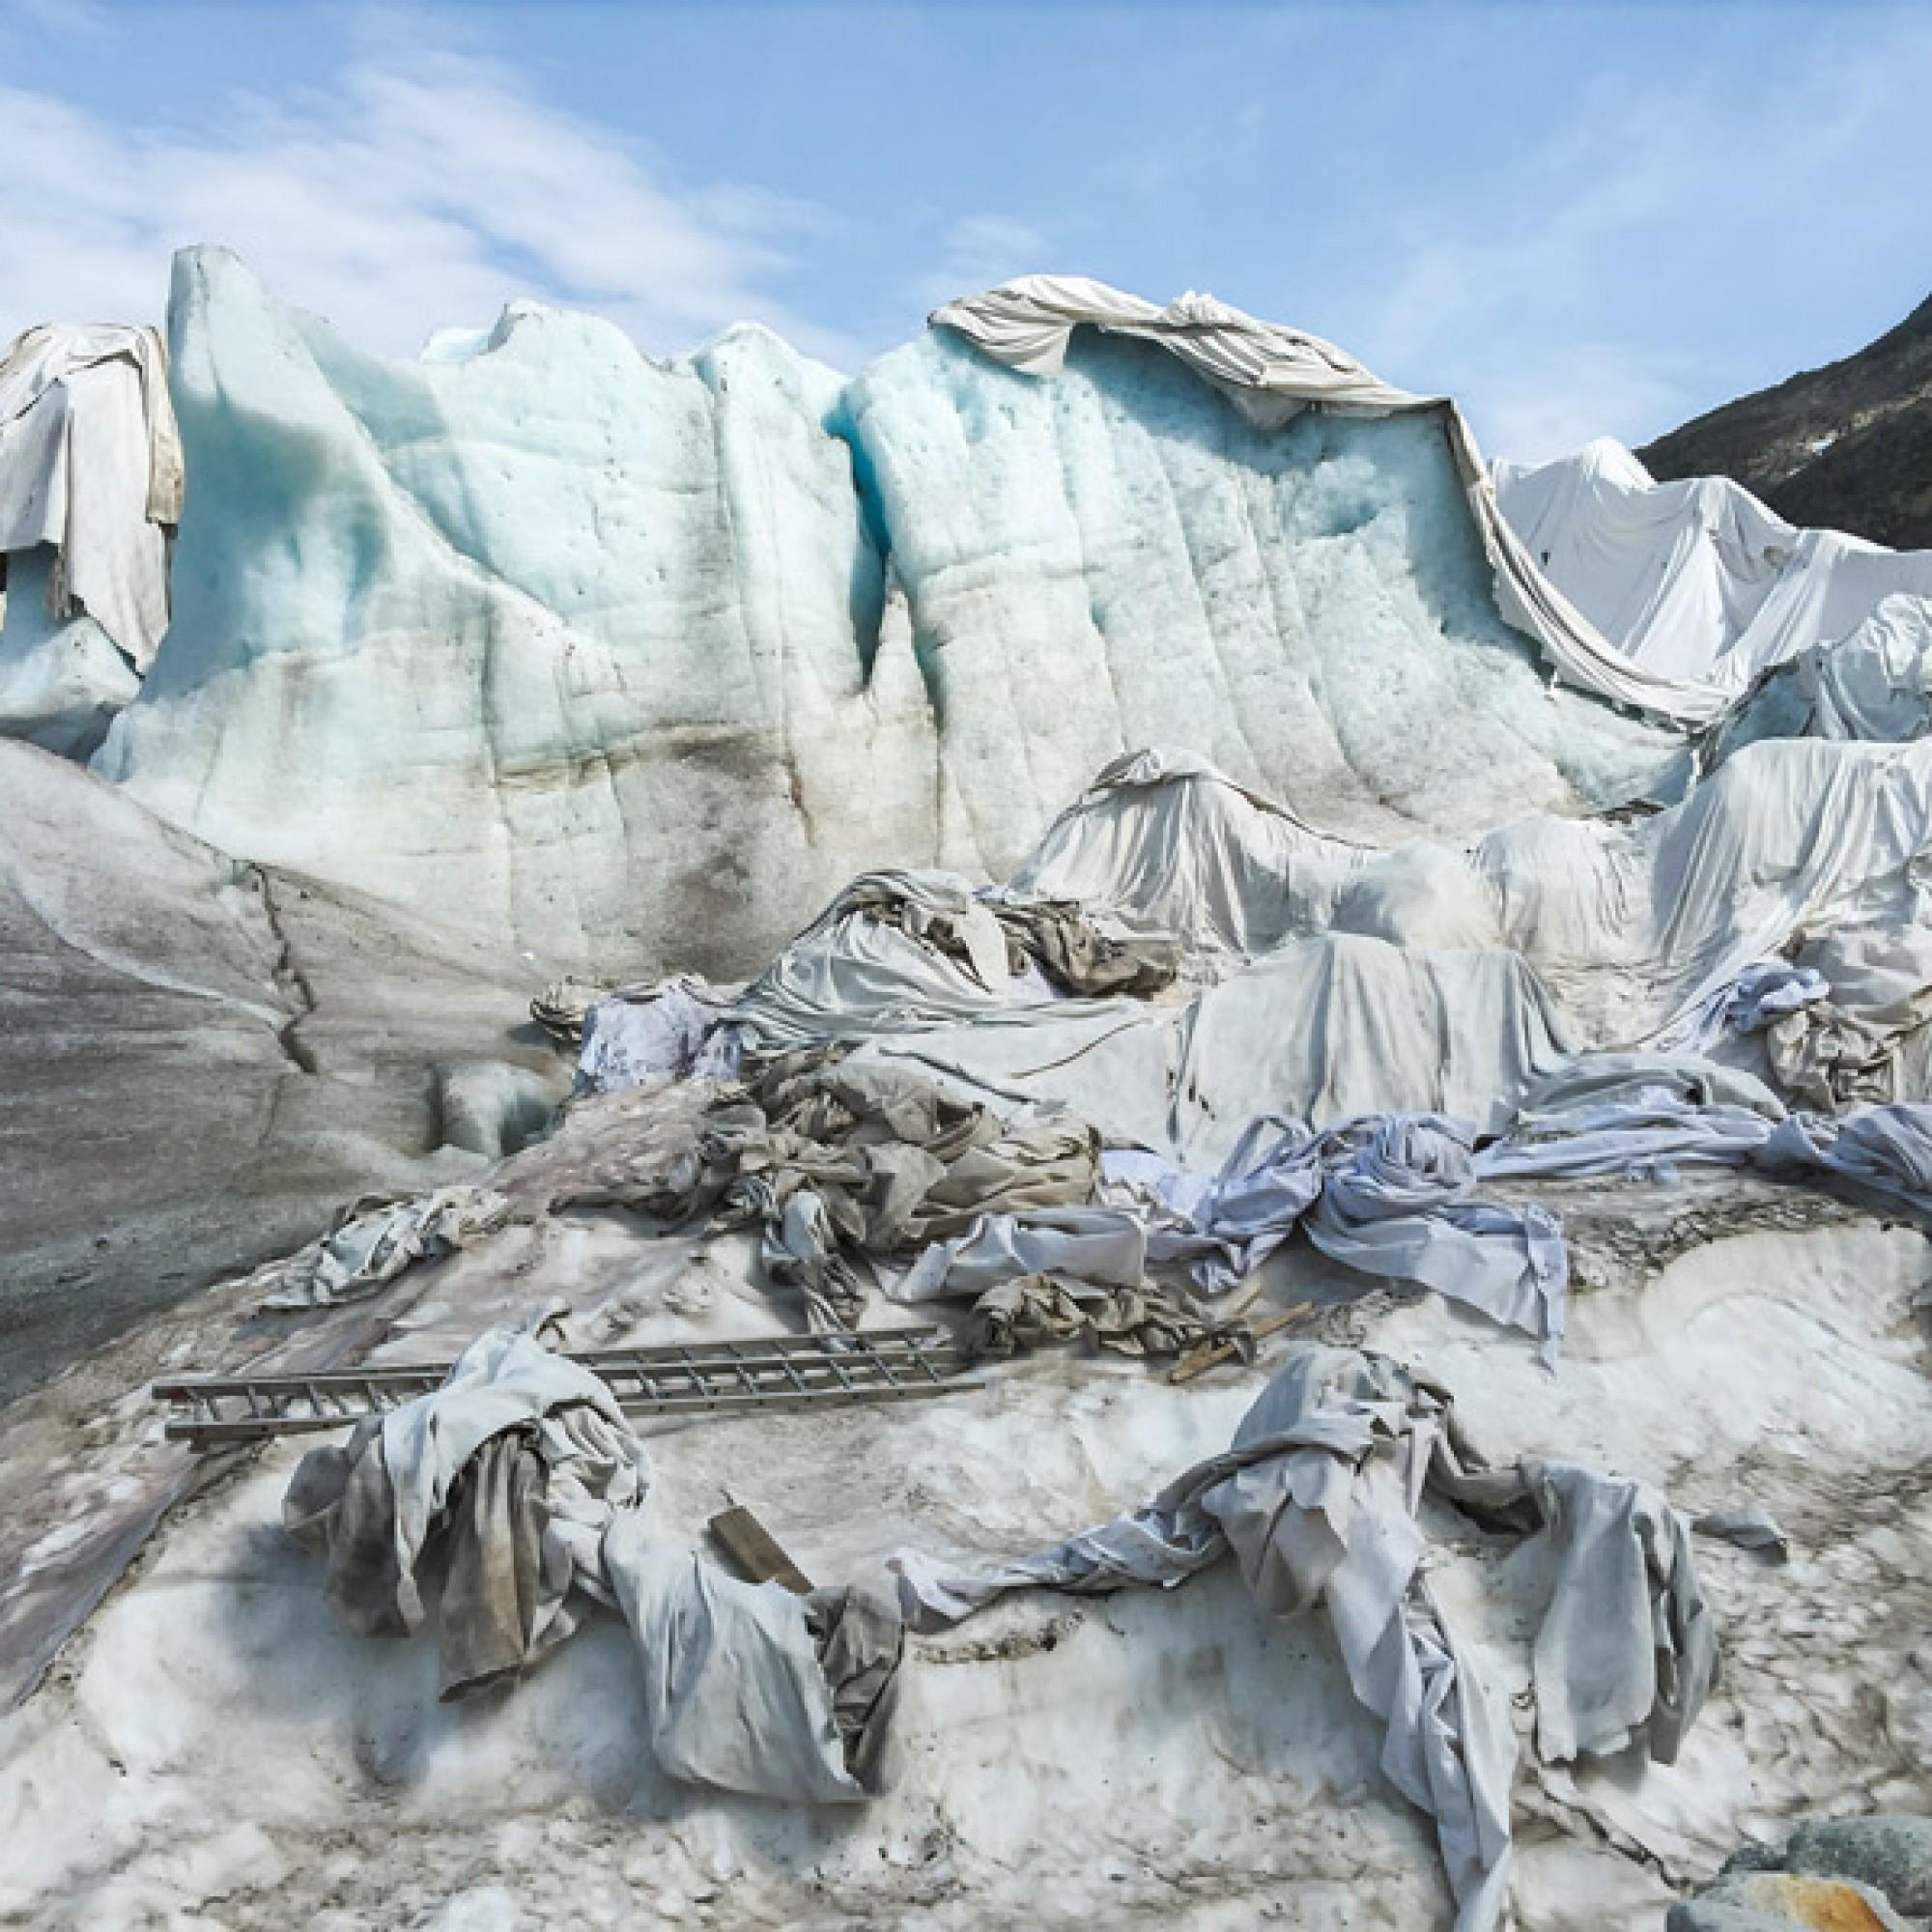 Jacques Pugin,  #001 Gletscher, Rhonegletscher, 46°34'48» N 8°23'12'' E , 2015.  (Jacques Pugin, Sammlung des Musée de l'Elysée)